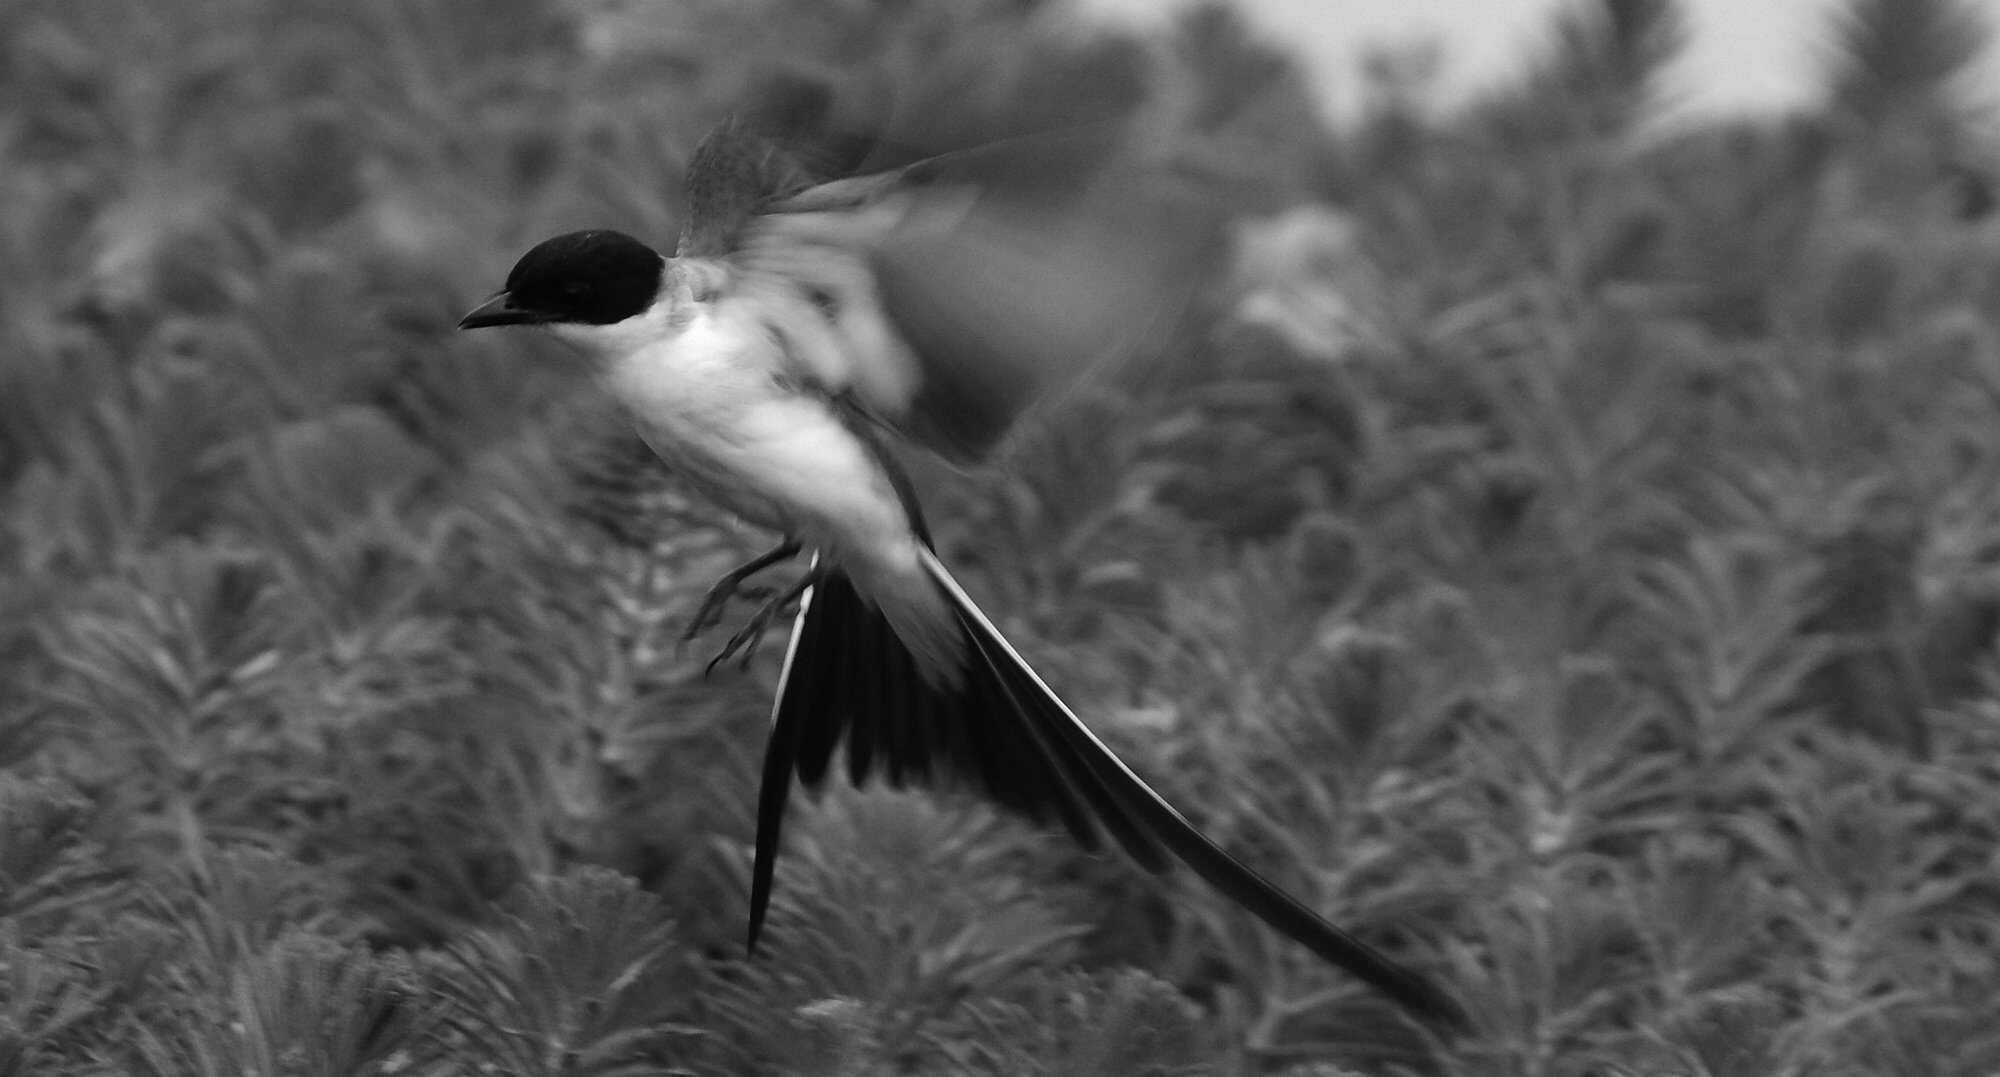 Diary-bird-flickr.jpg